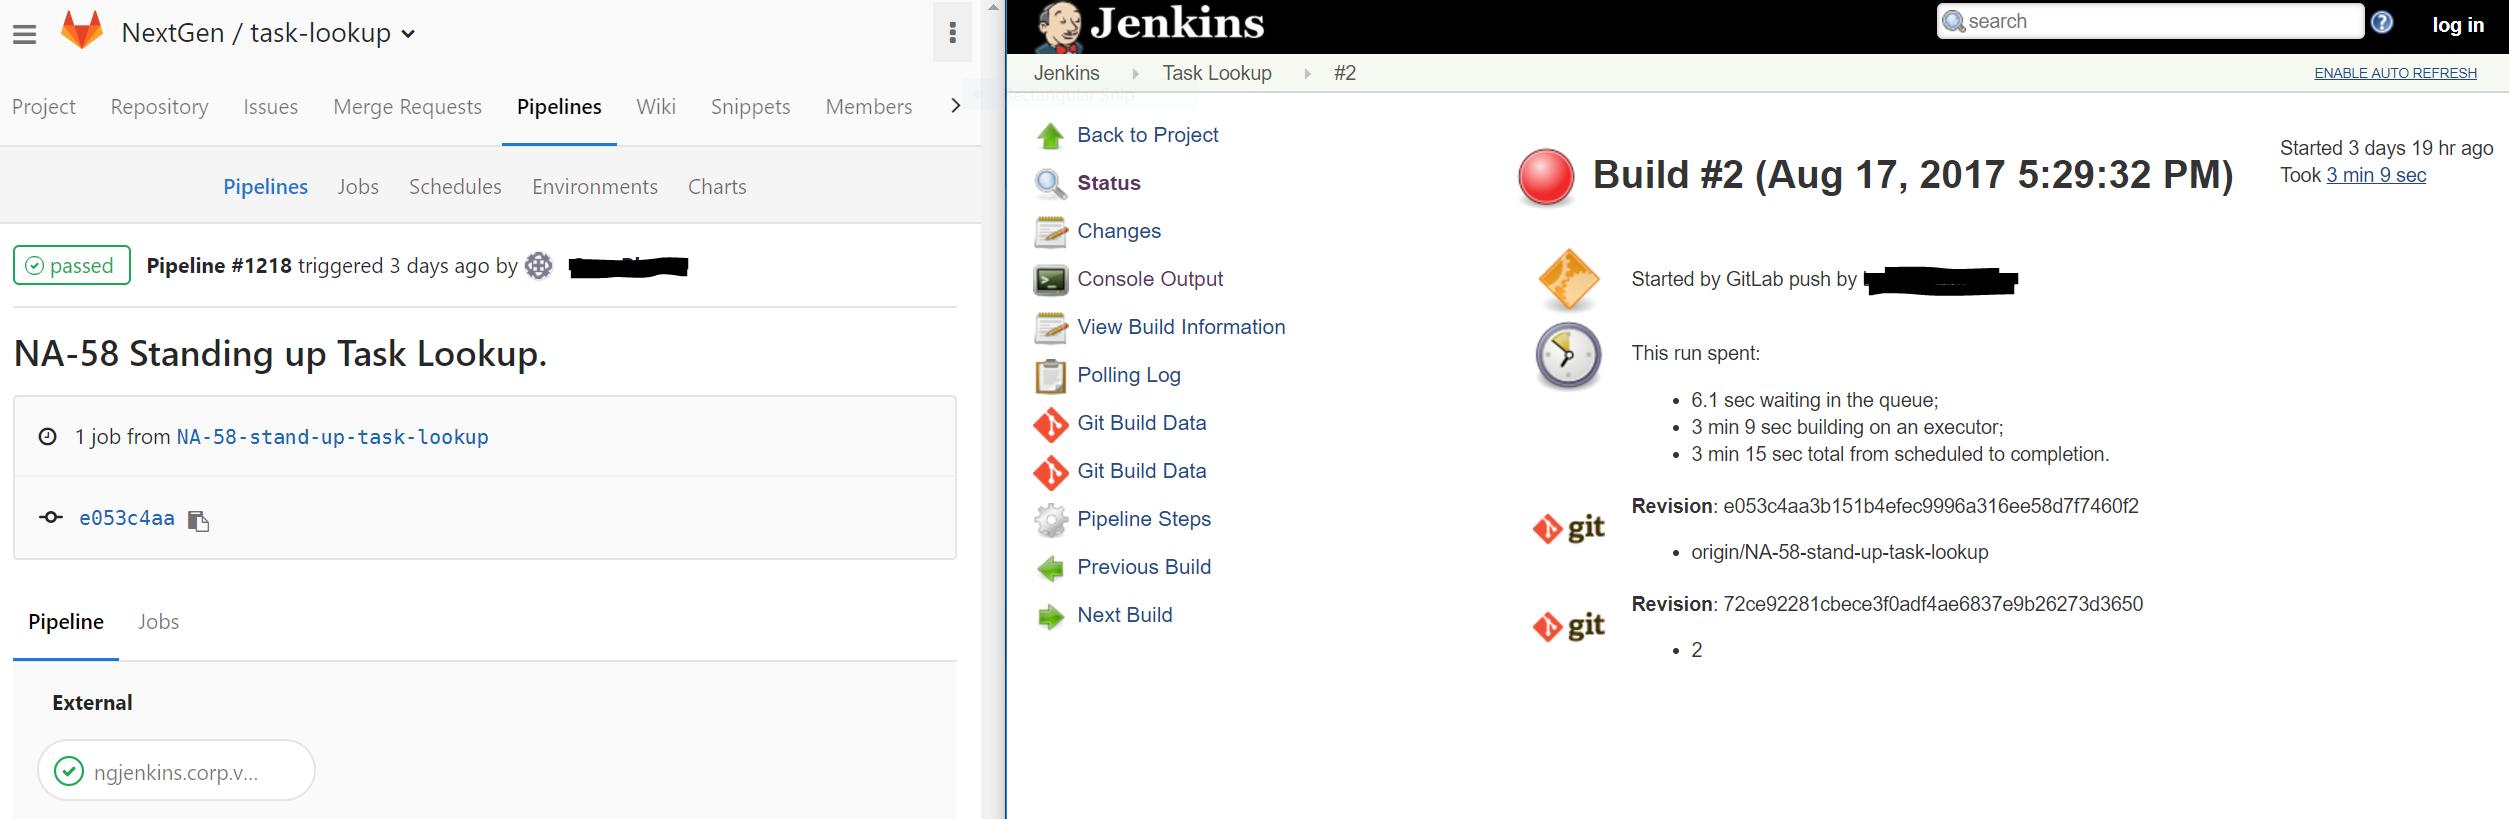 JENKINS-46325] Should we use result or currentResult? - Jenkins JIRA